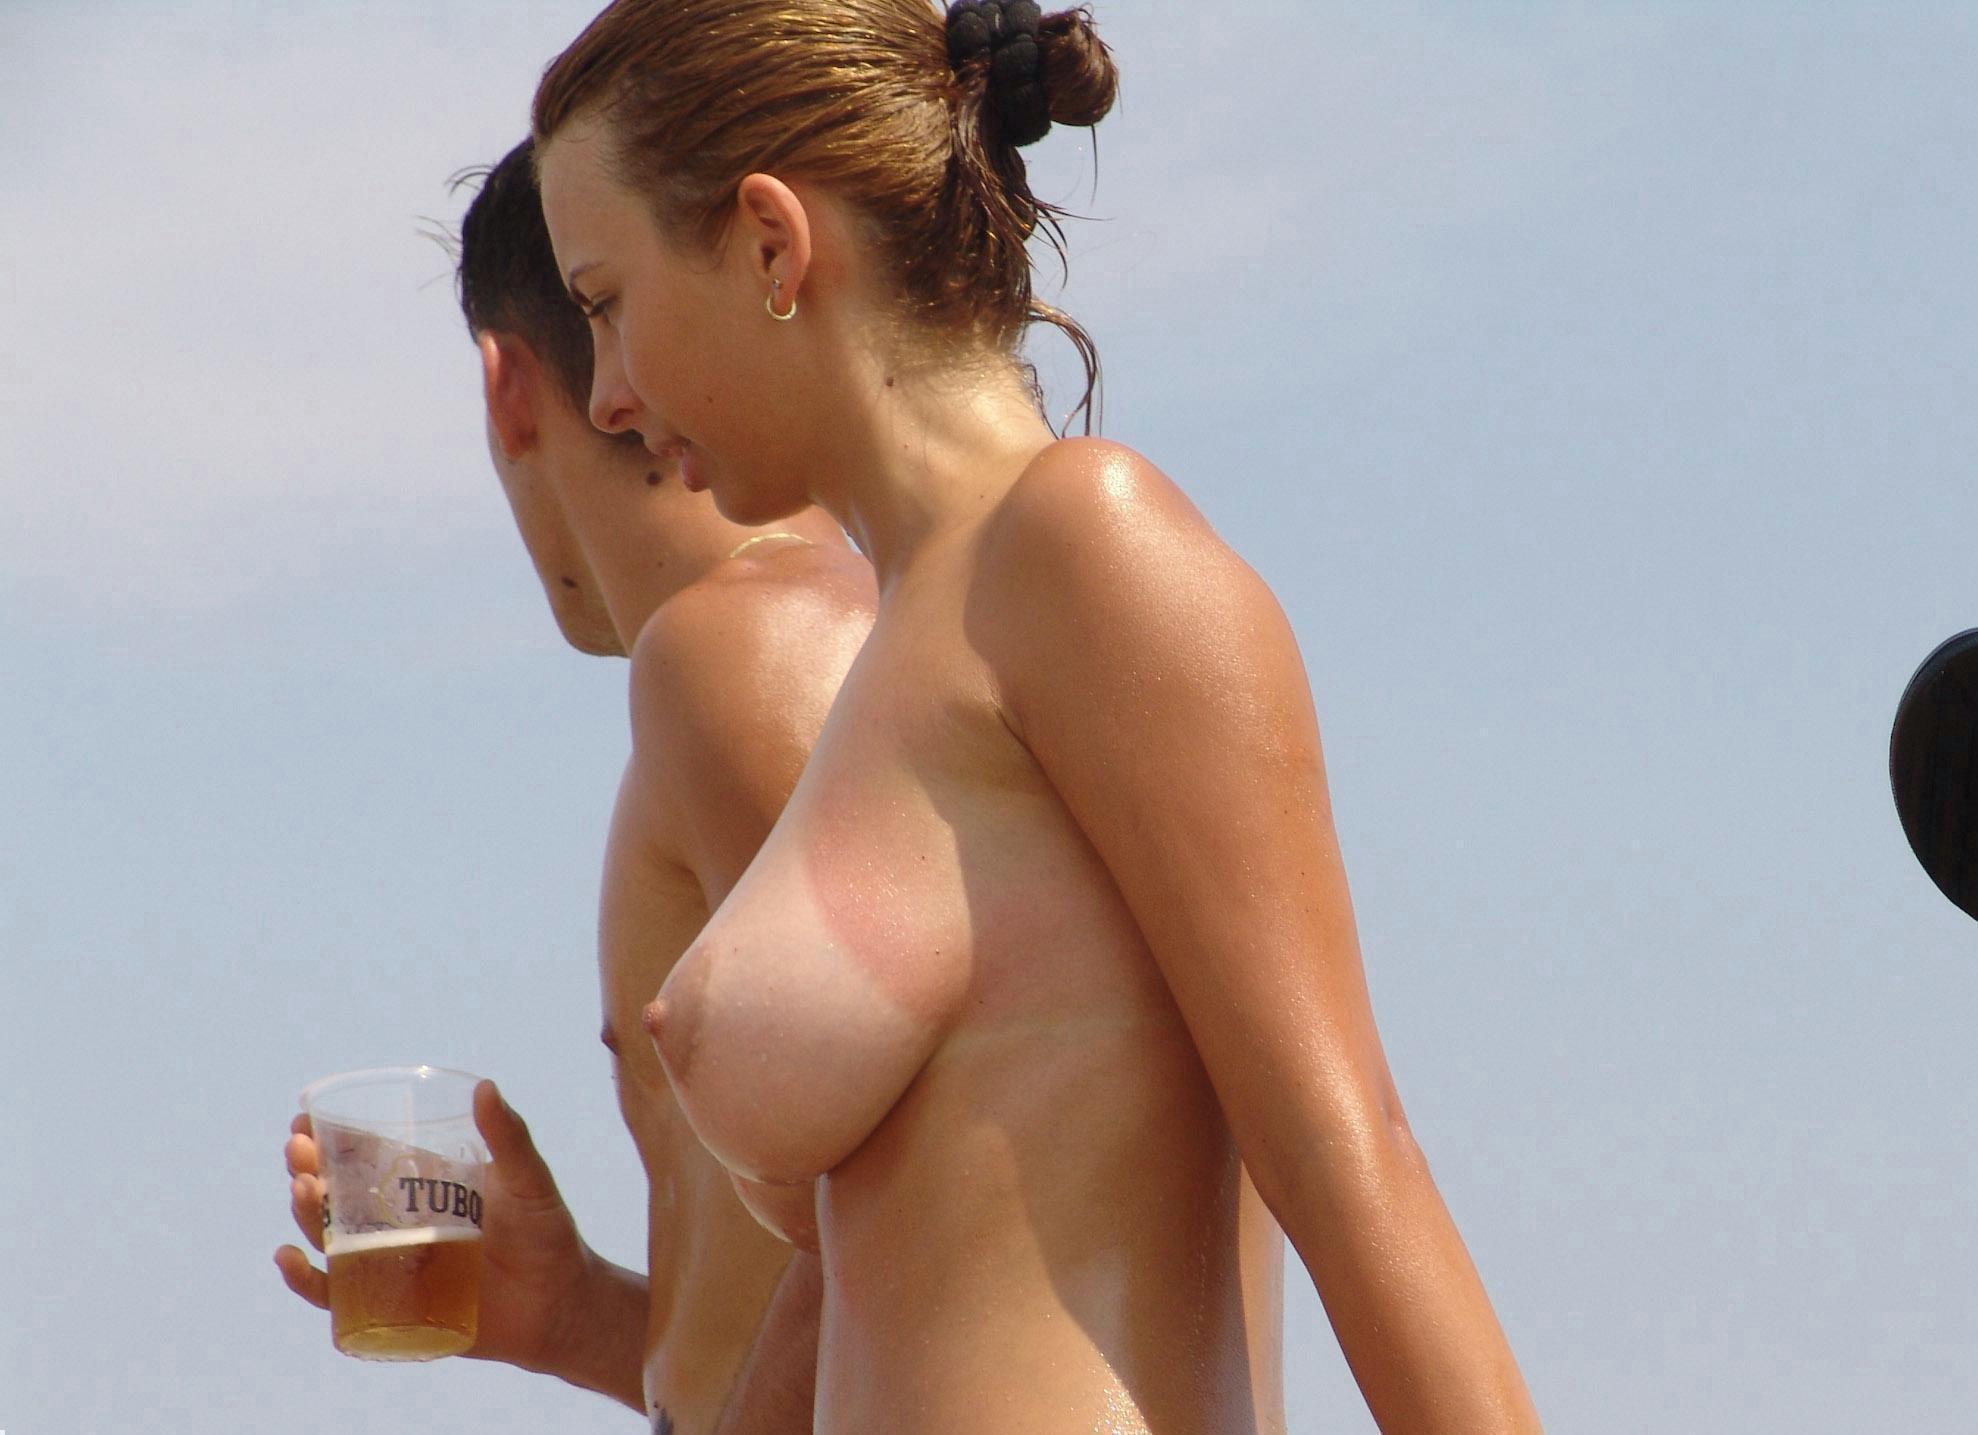 фото девушек топлес без трусов полностью разобралась